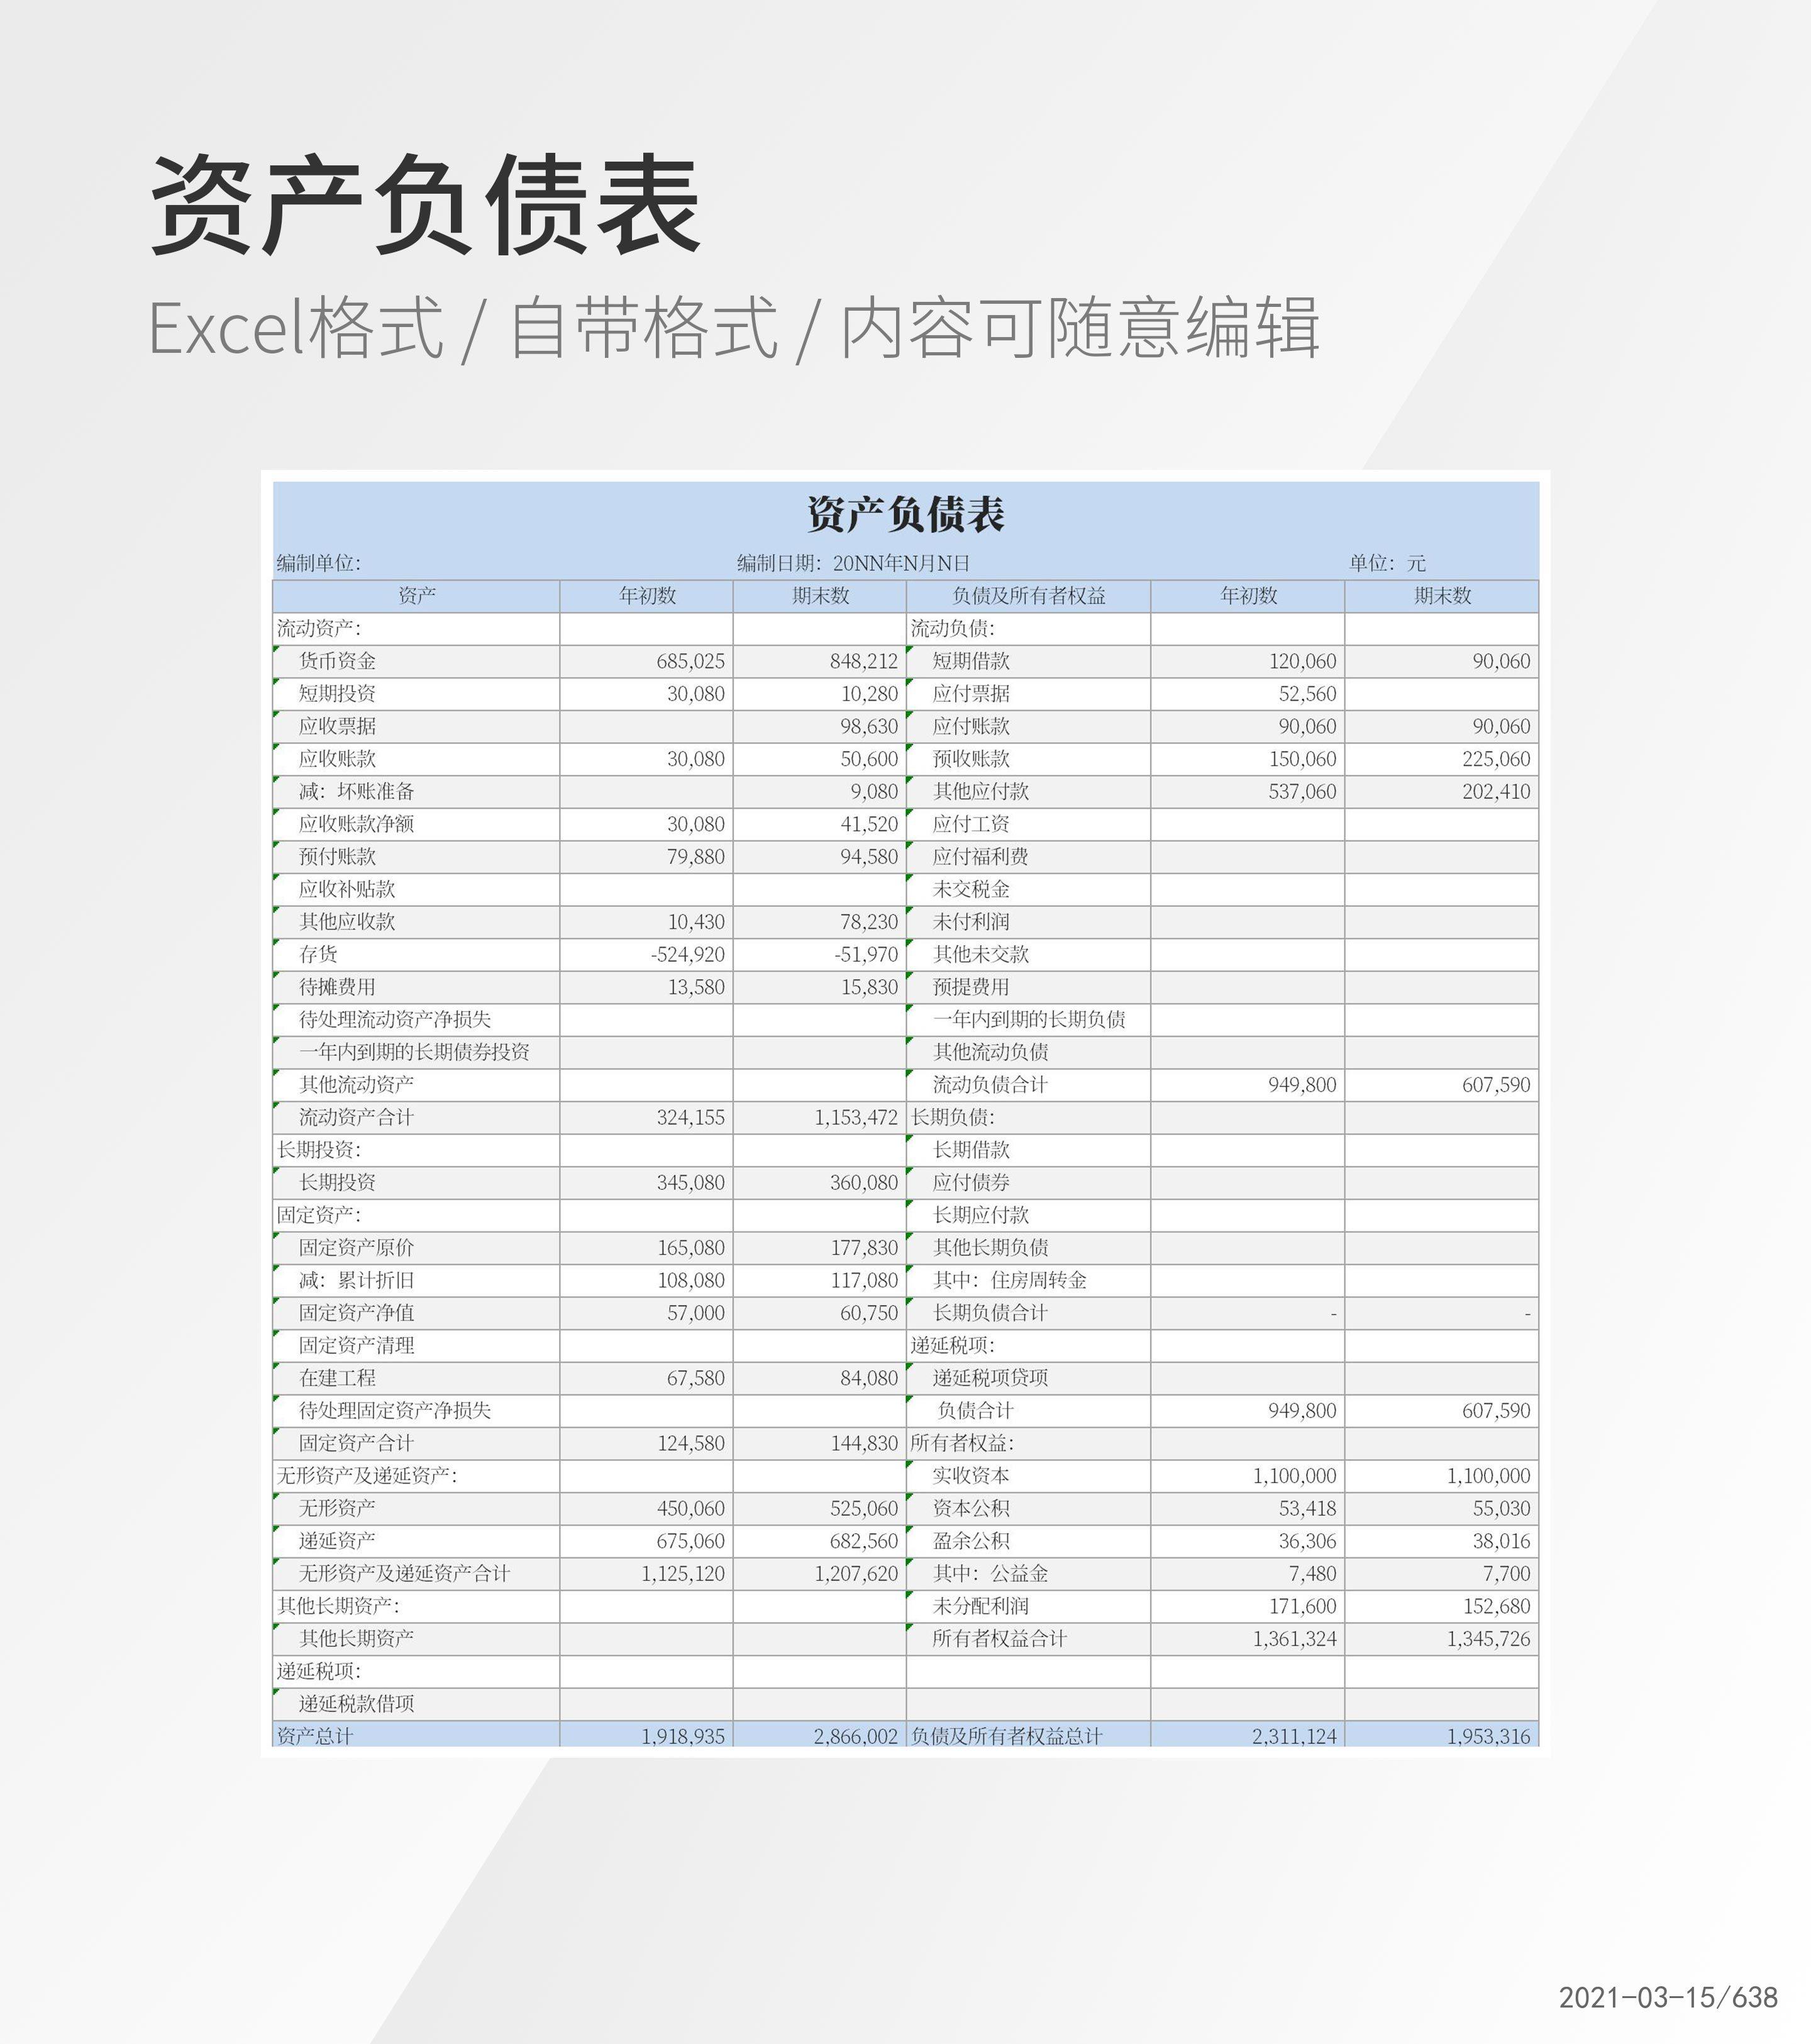 资产负债表Excel模板